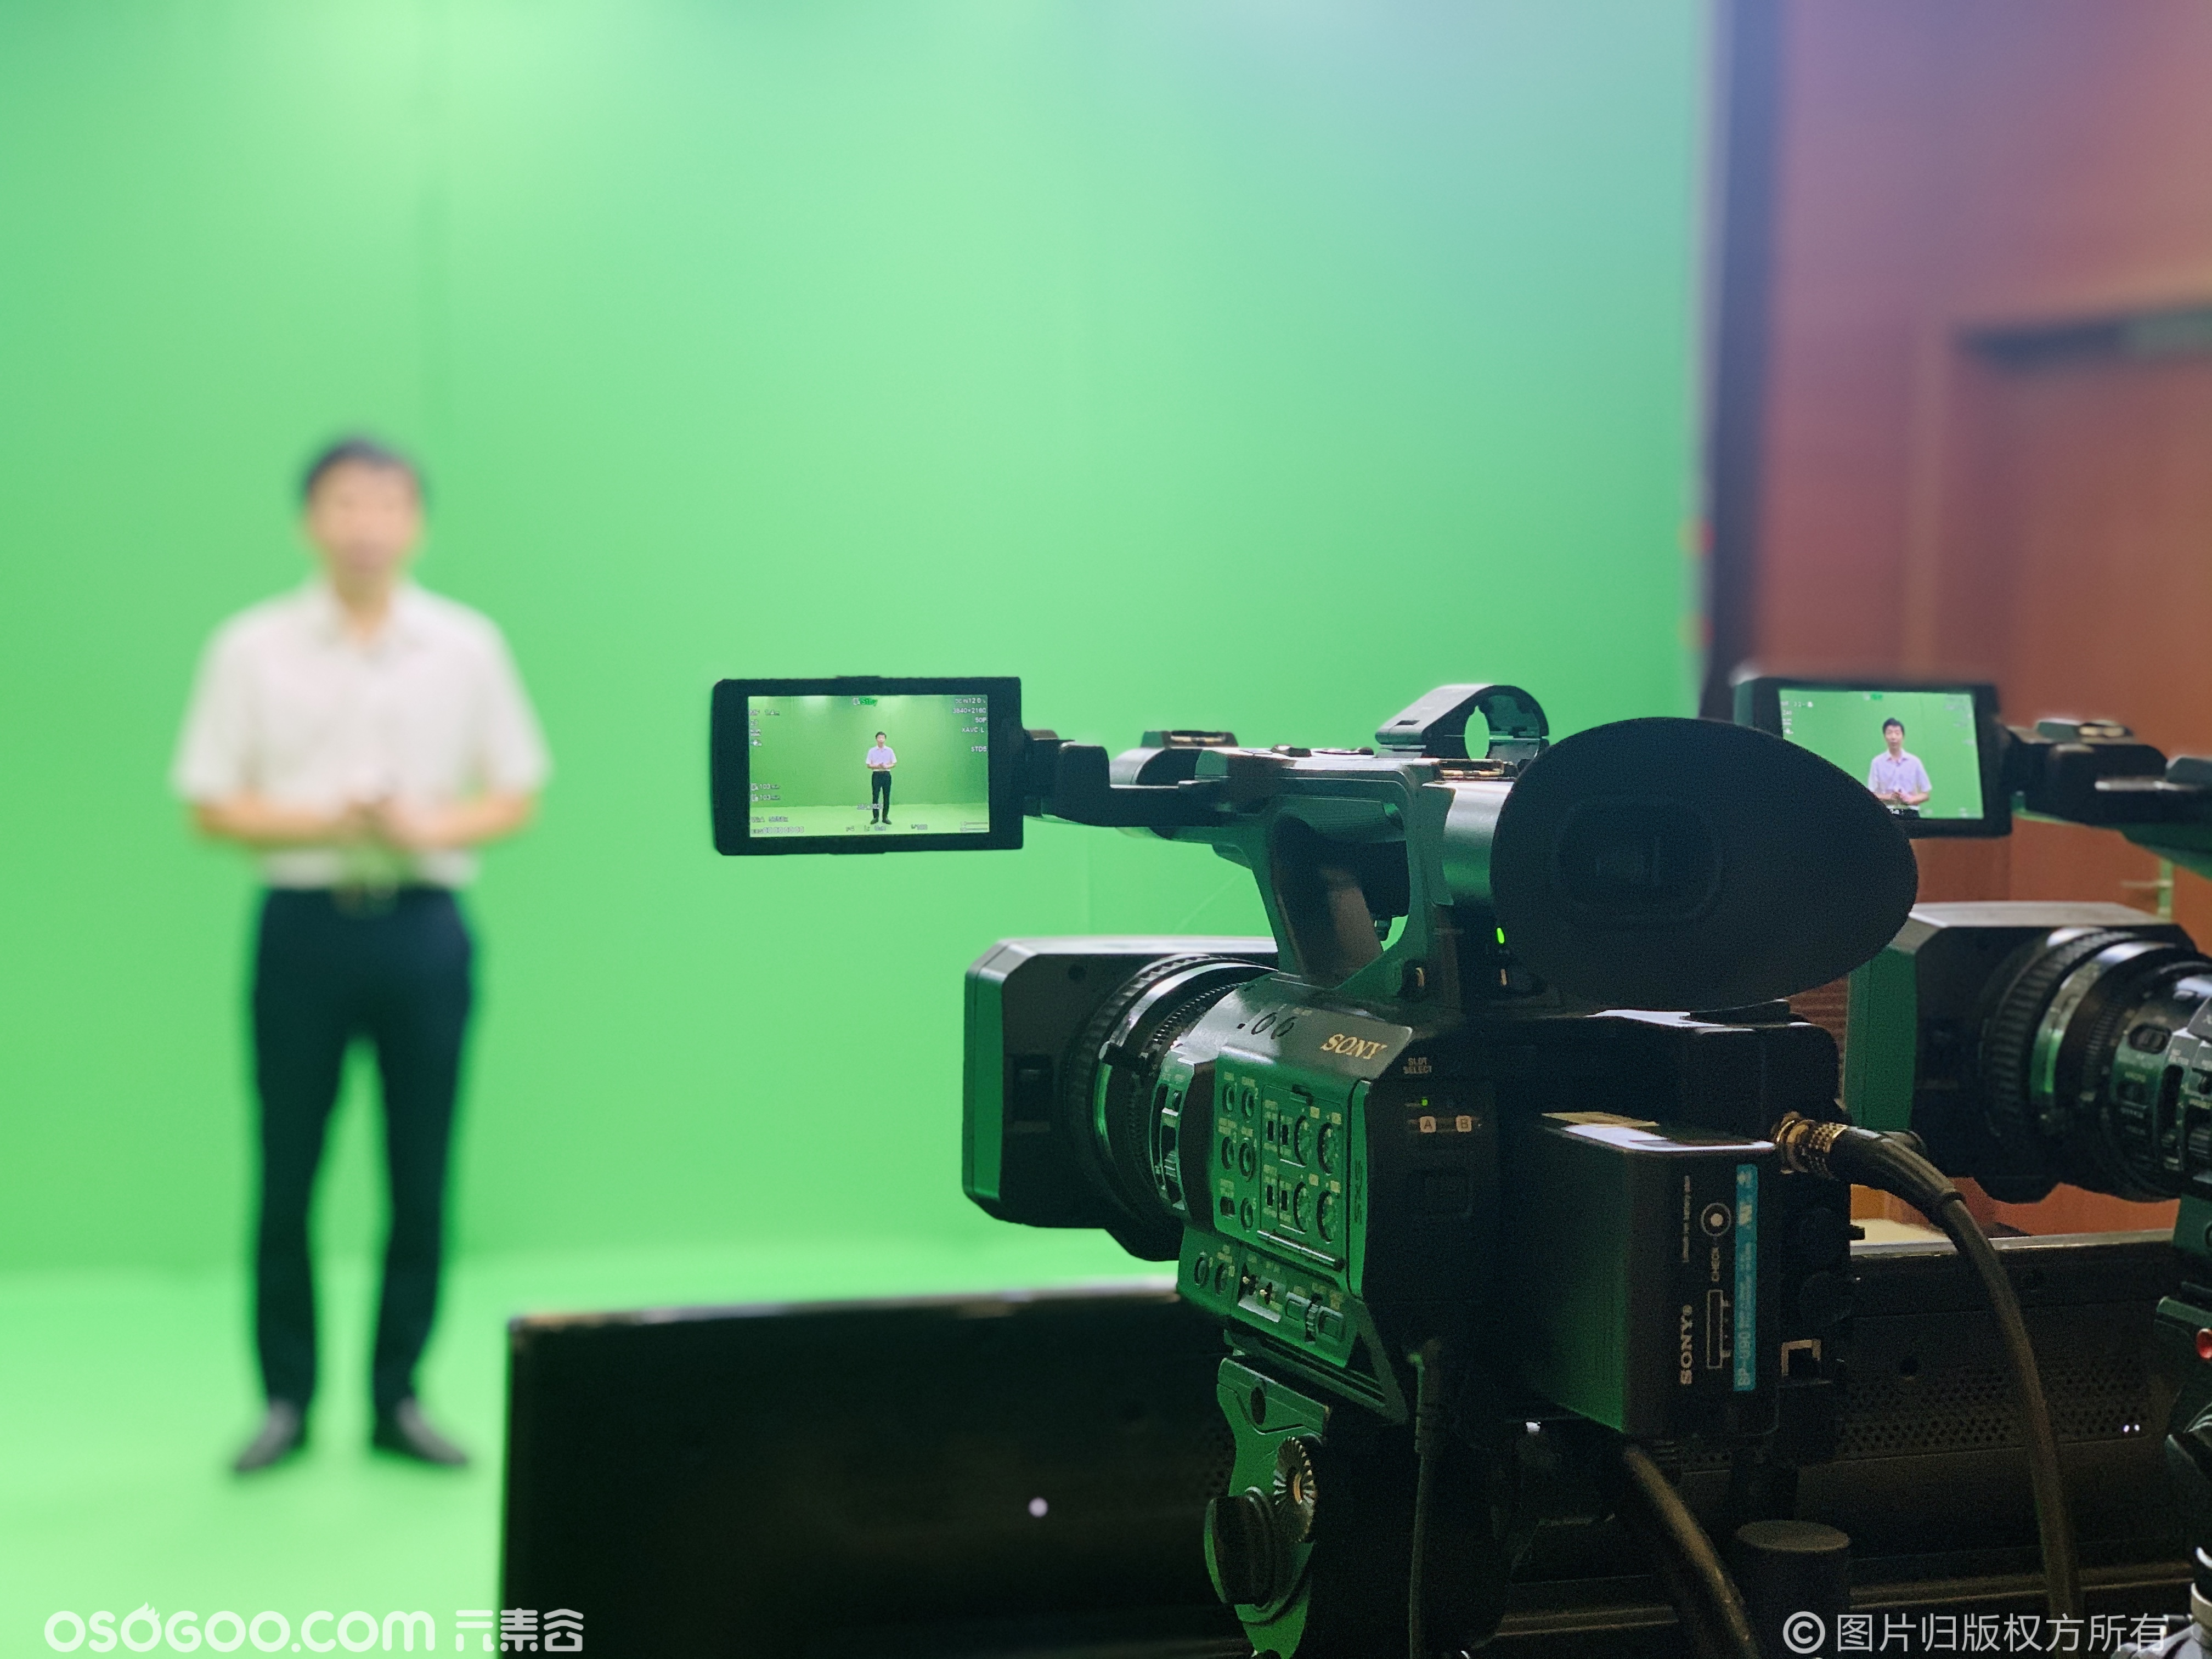 浙江联通云上3D虚拟直播录制发布会定制渲染舞台AI效果案例